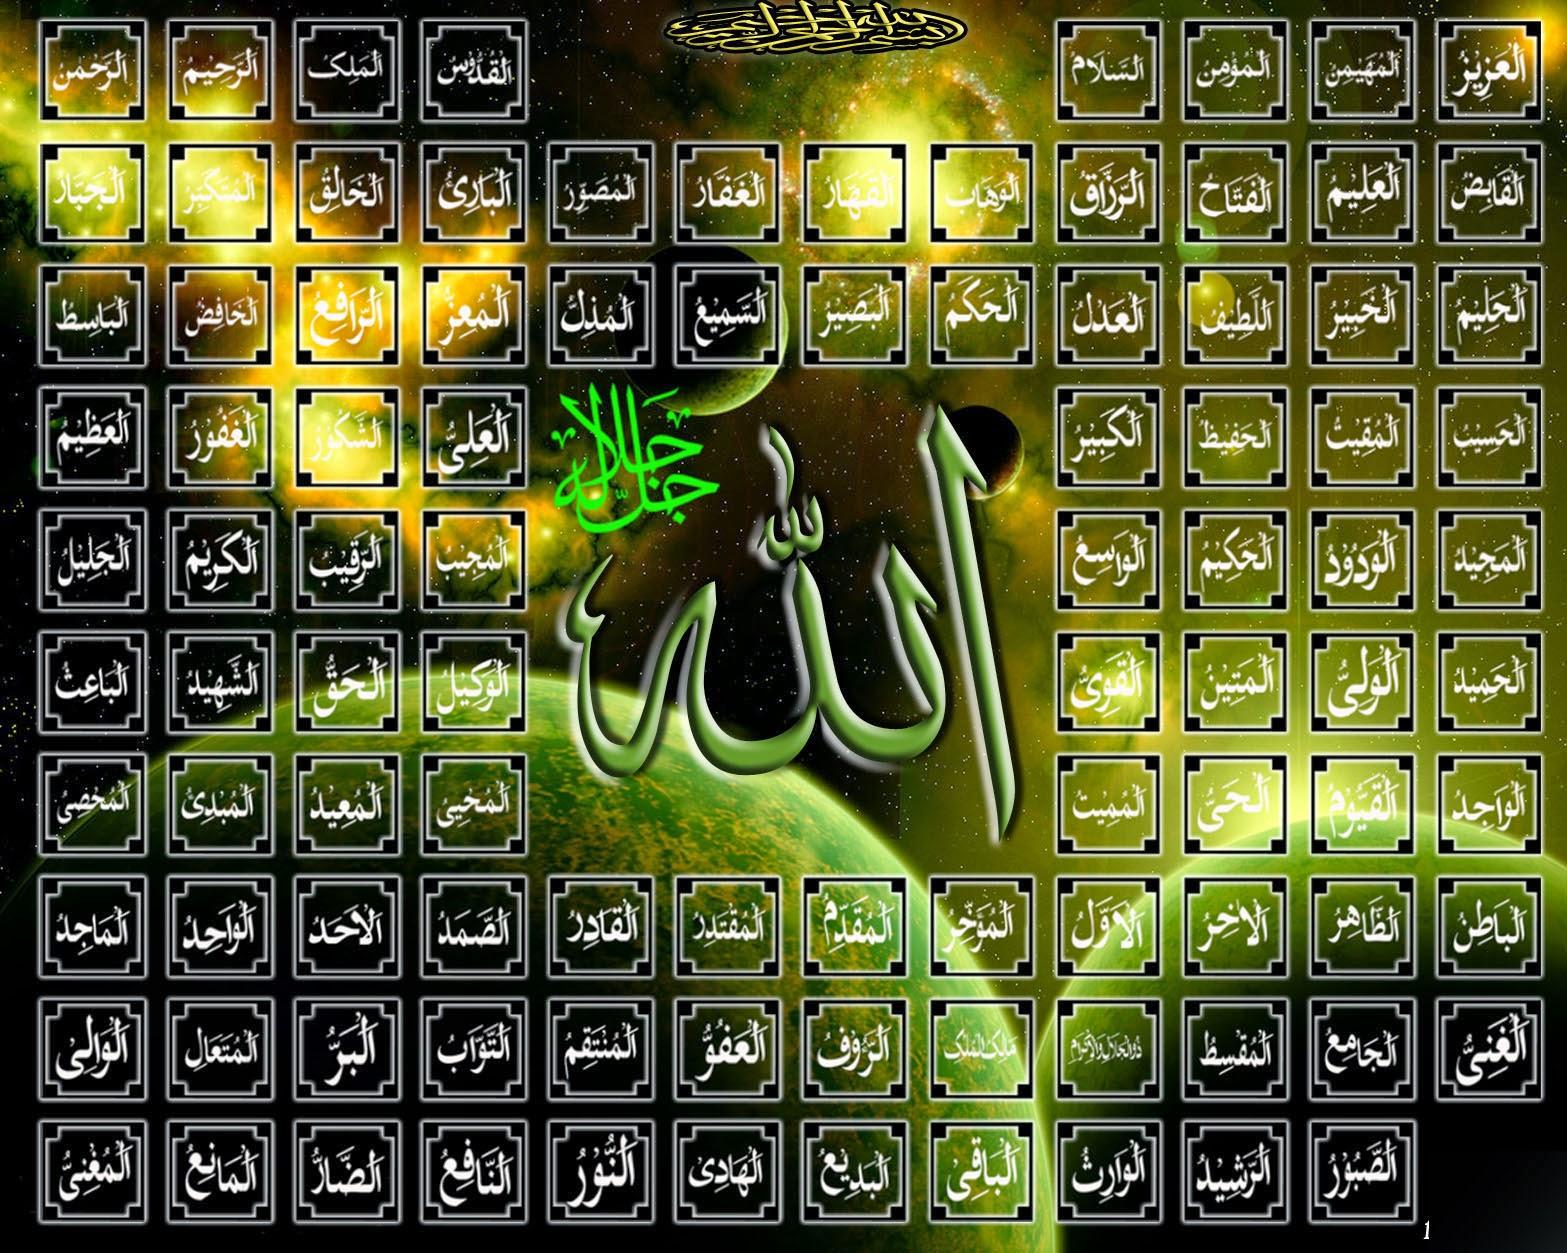 http://allah-99.blogspot.com/